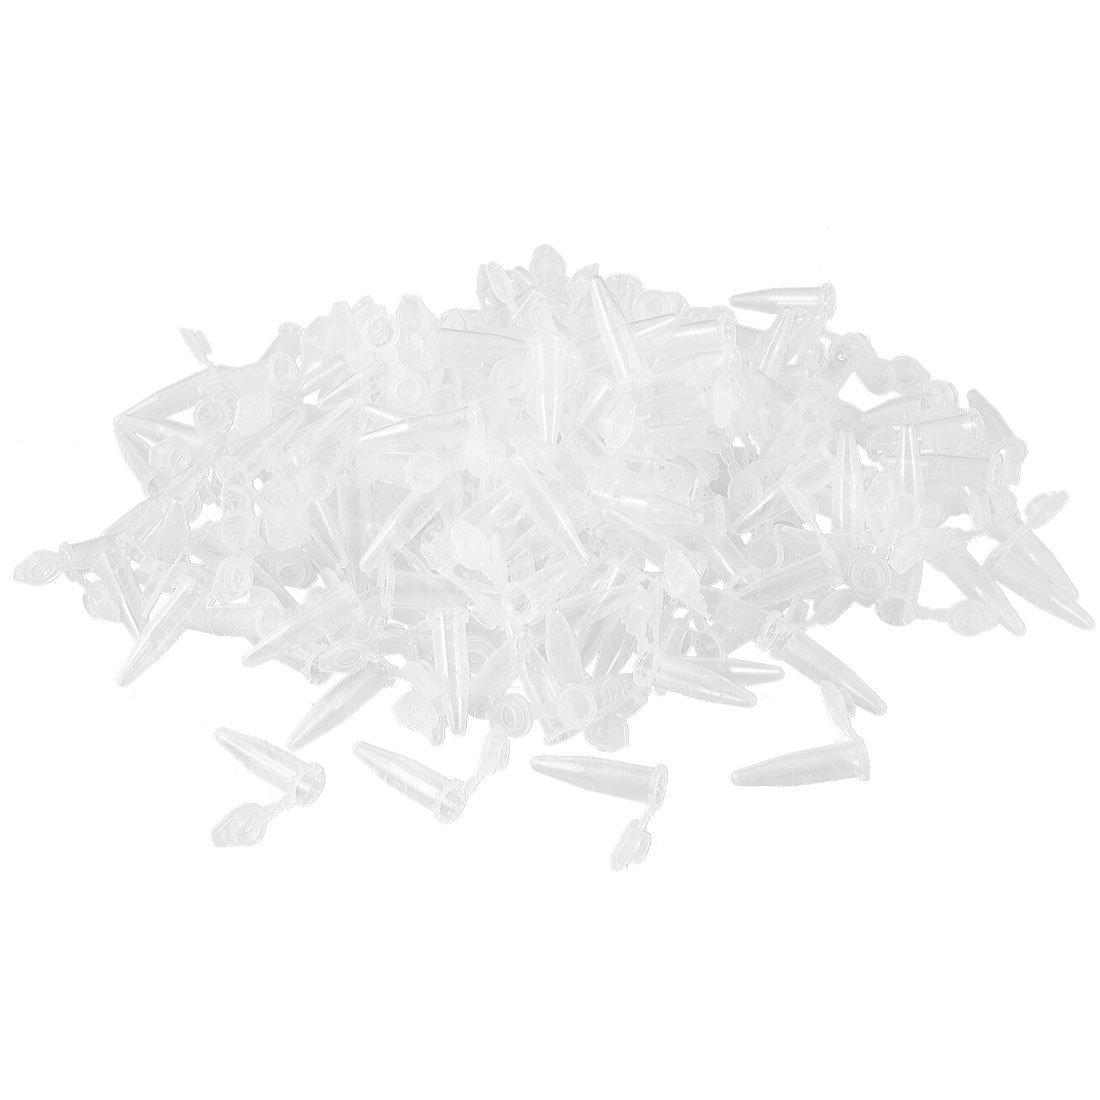 Bingpong 1000 unids 0.2ml/0.5ml/1.5ml tubo de microcentrífuga de laboratorio de plástico transparente con tapa recipiente de muestra de tubo de ensayo de laboratorio (0.5ml)